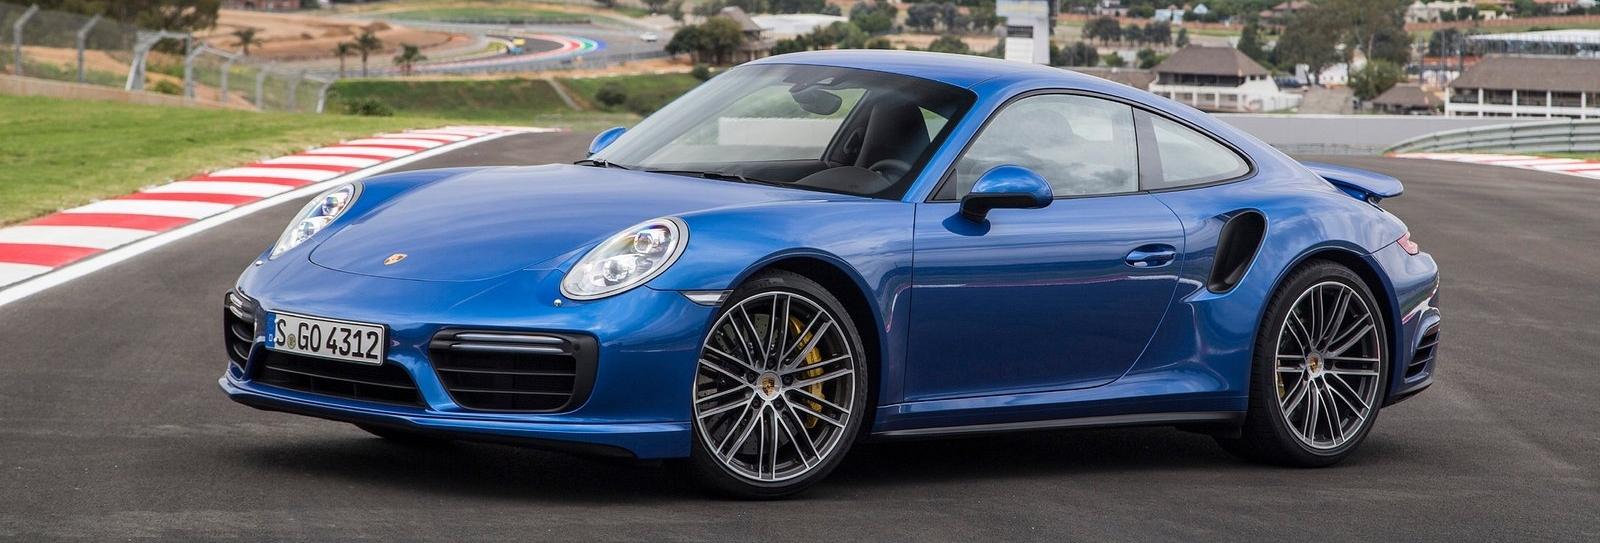 autovisie-duik-in-de-prijslijst-porsche-911-turbo